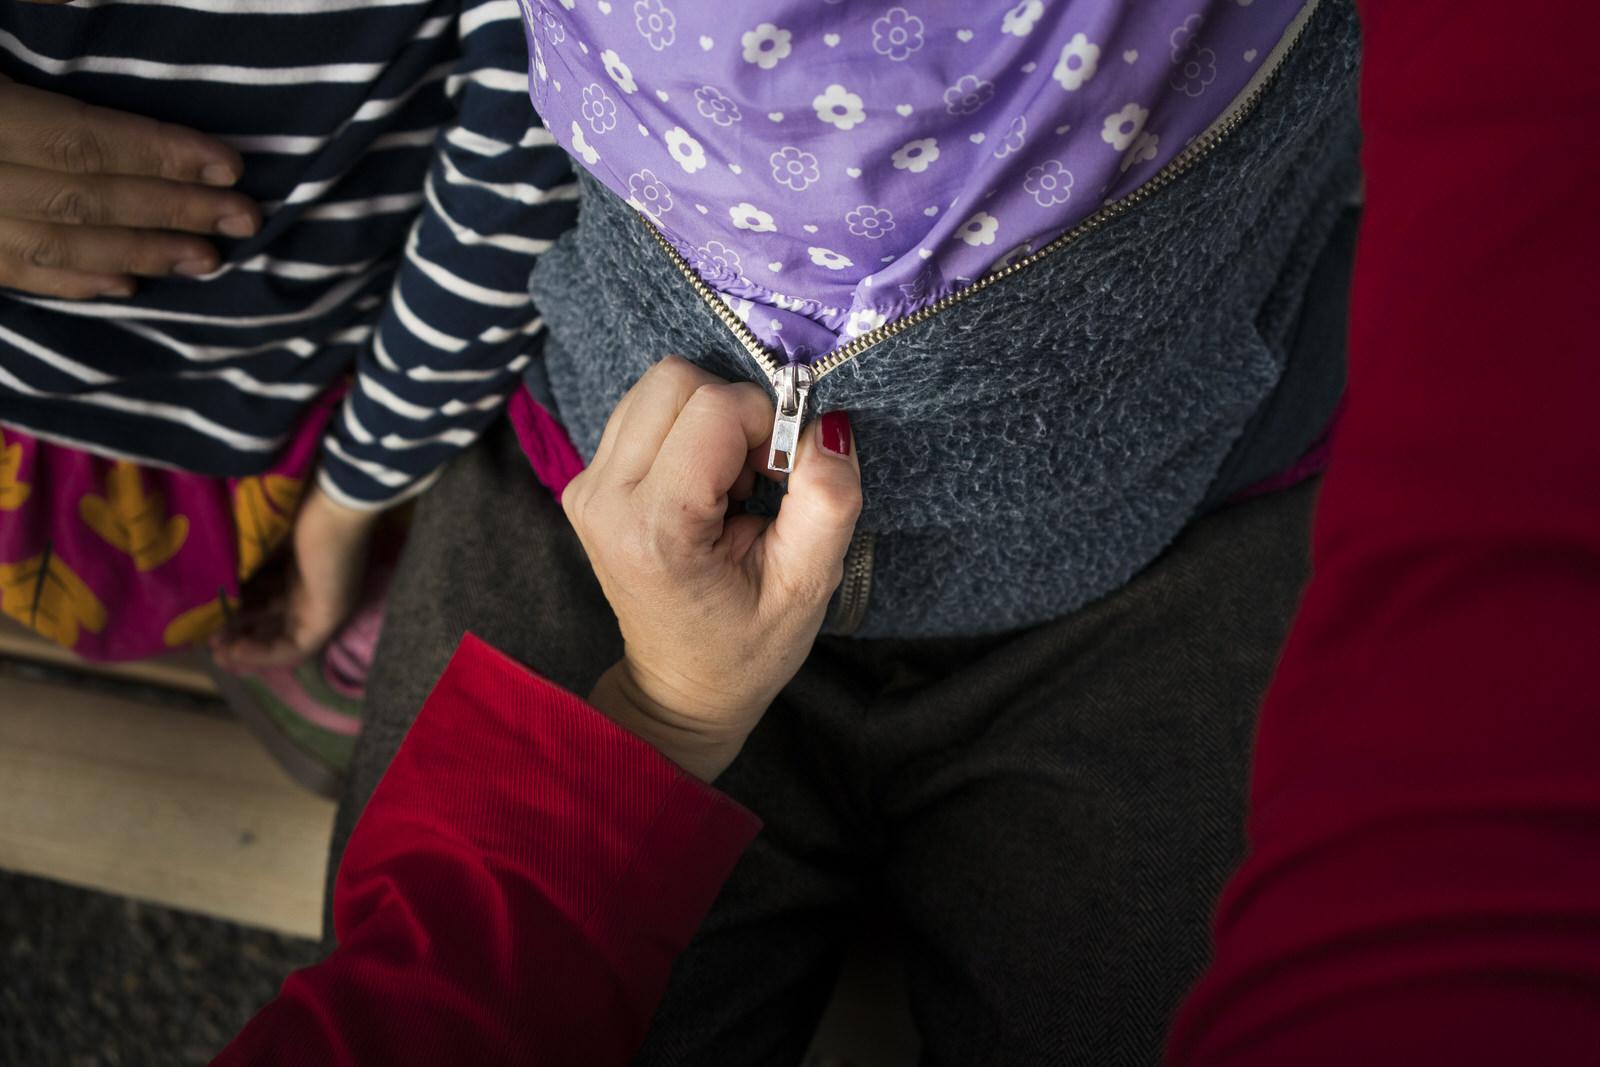 Familienreportage in der Stadt | Familienfotografin Julia Erz